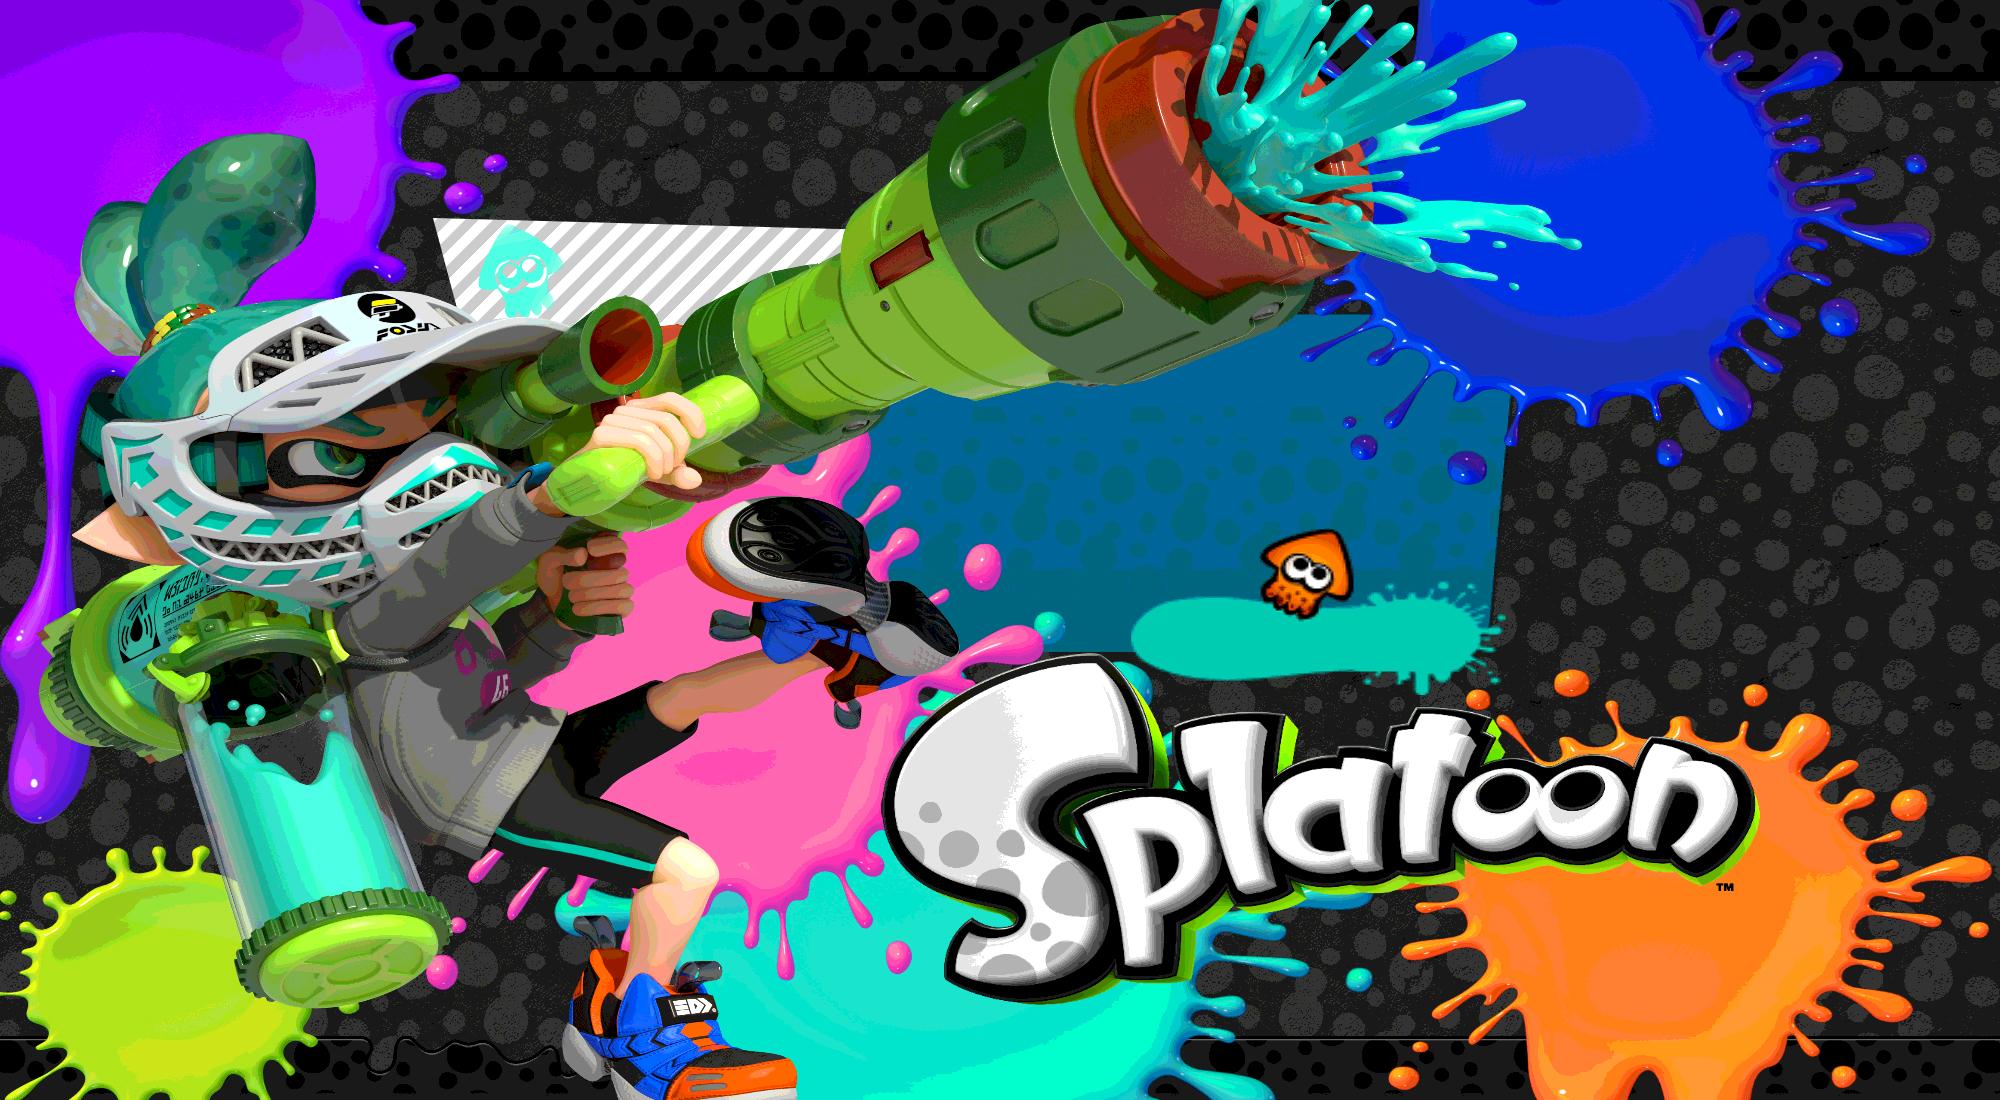 Splatoon   Teal Inkling Boy Wallpaper by DaKidGaming 2000x1100